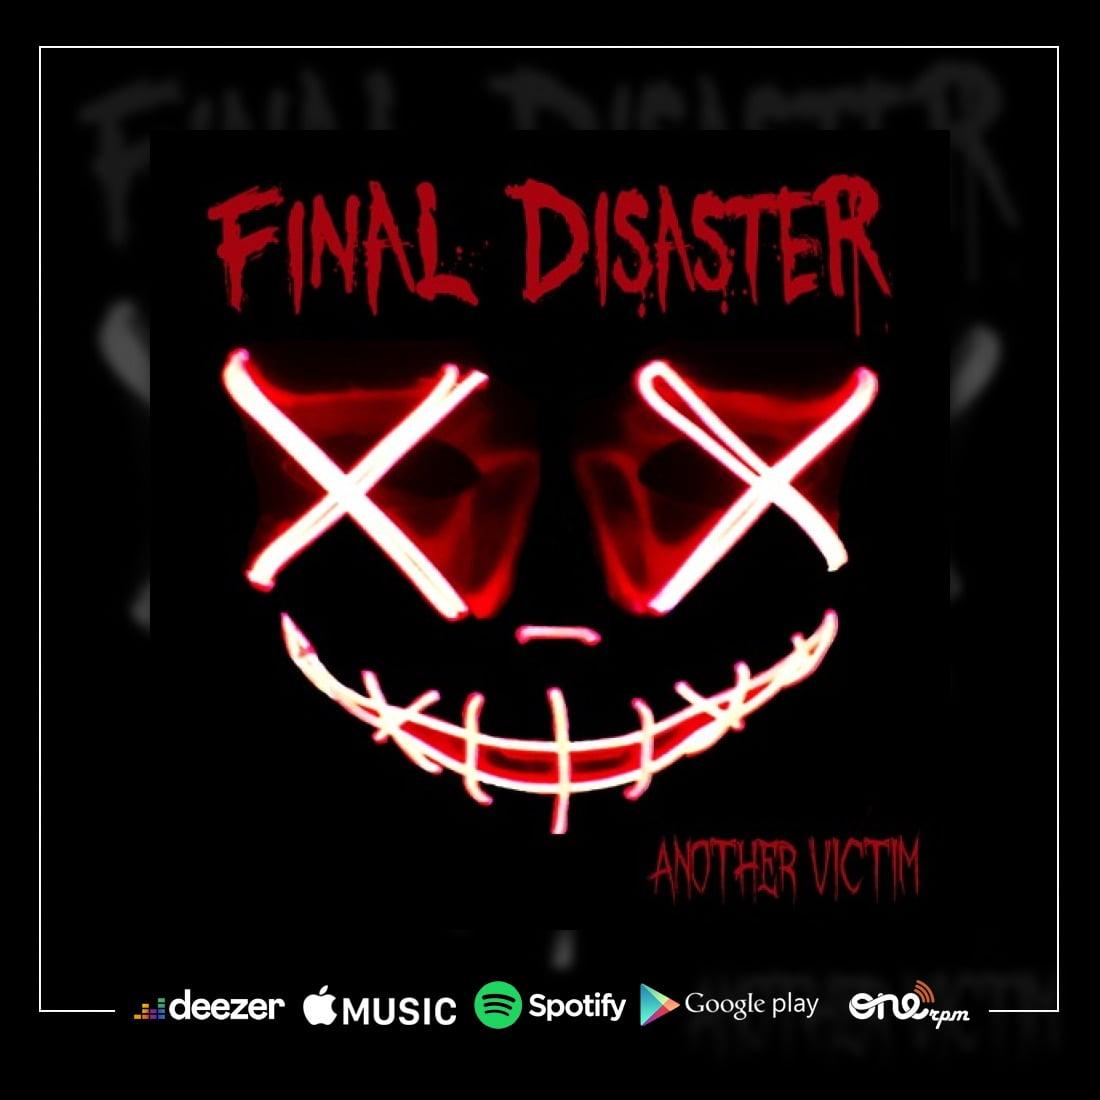 Final Disaster: Banda lançará novo single em novembro